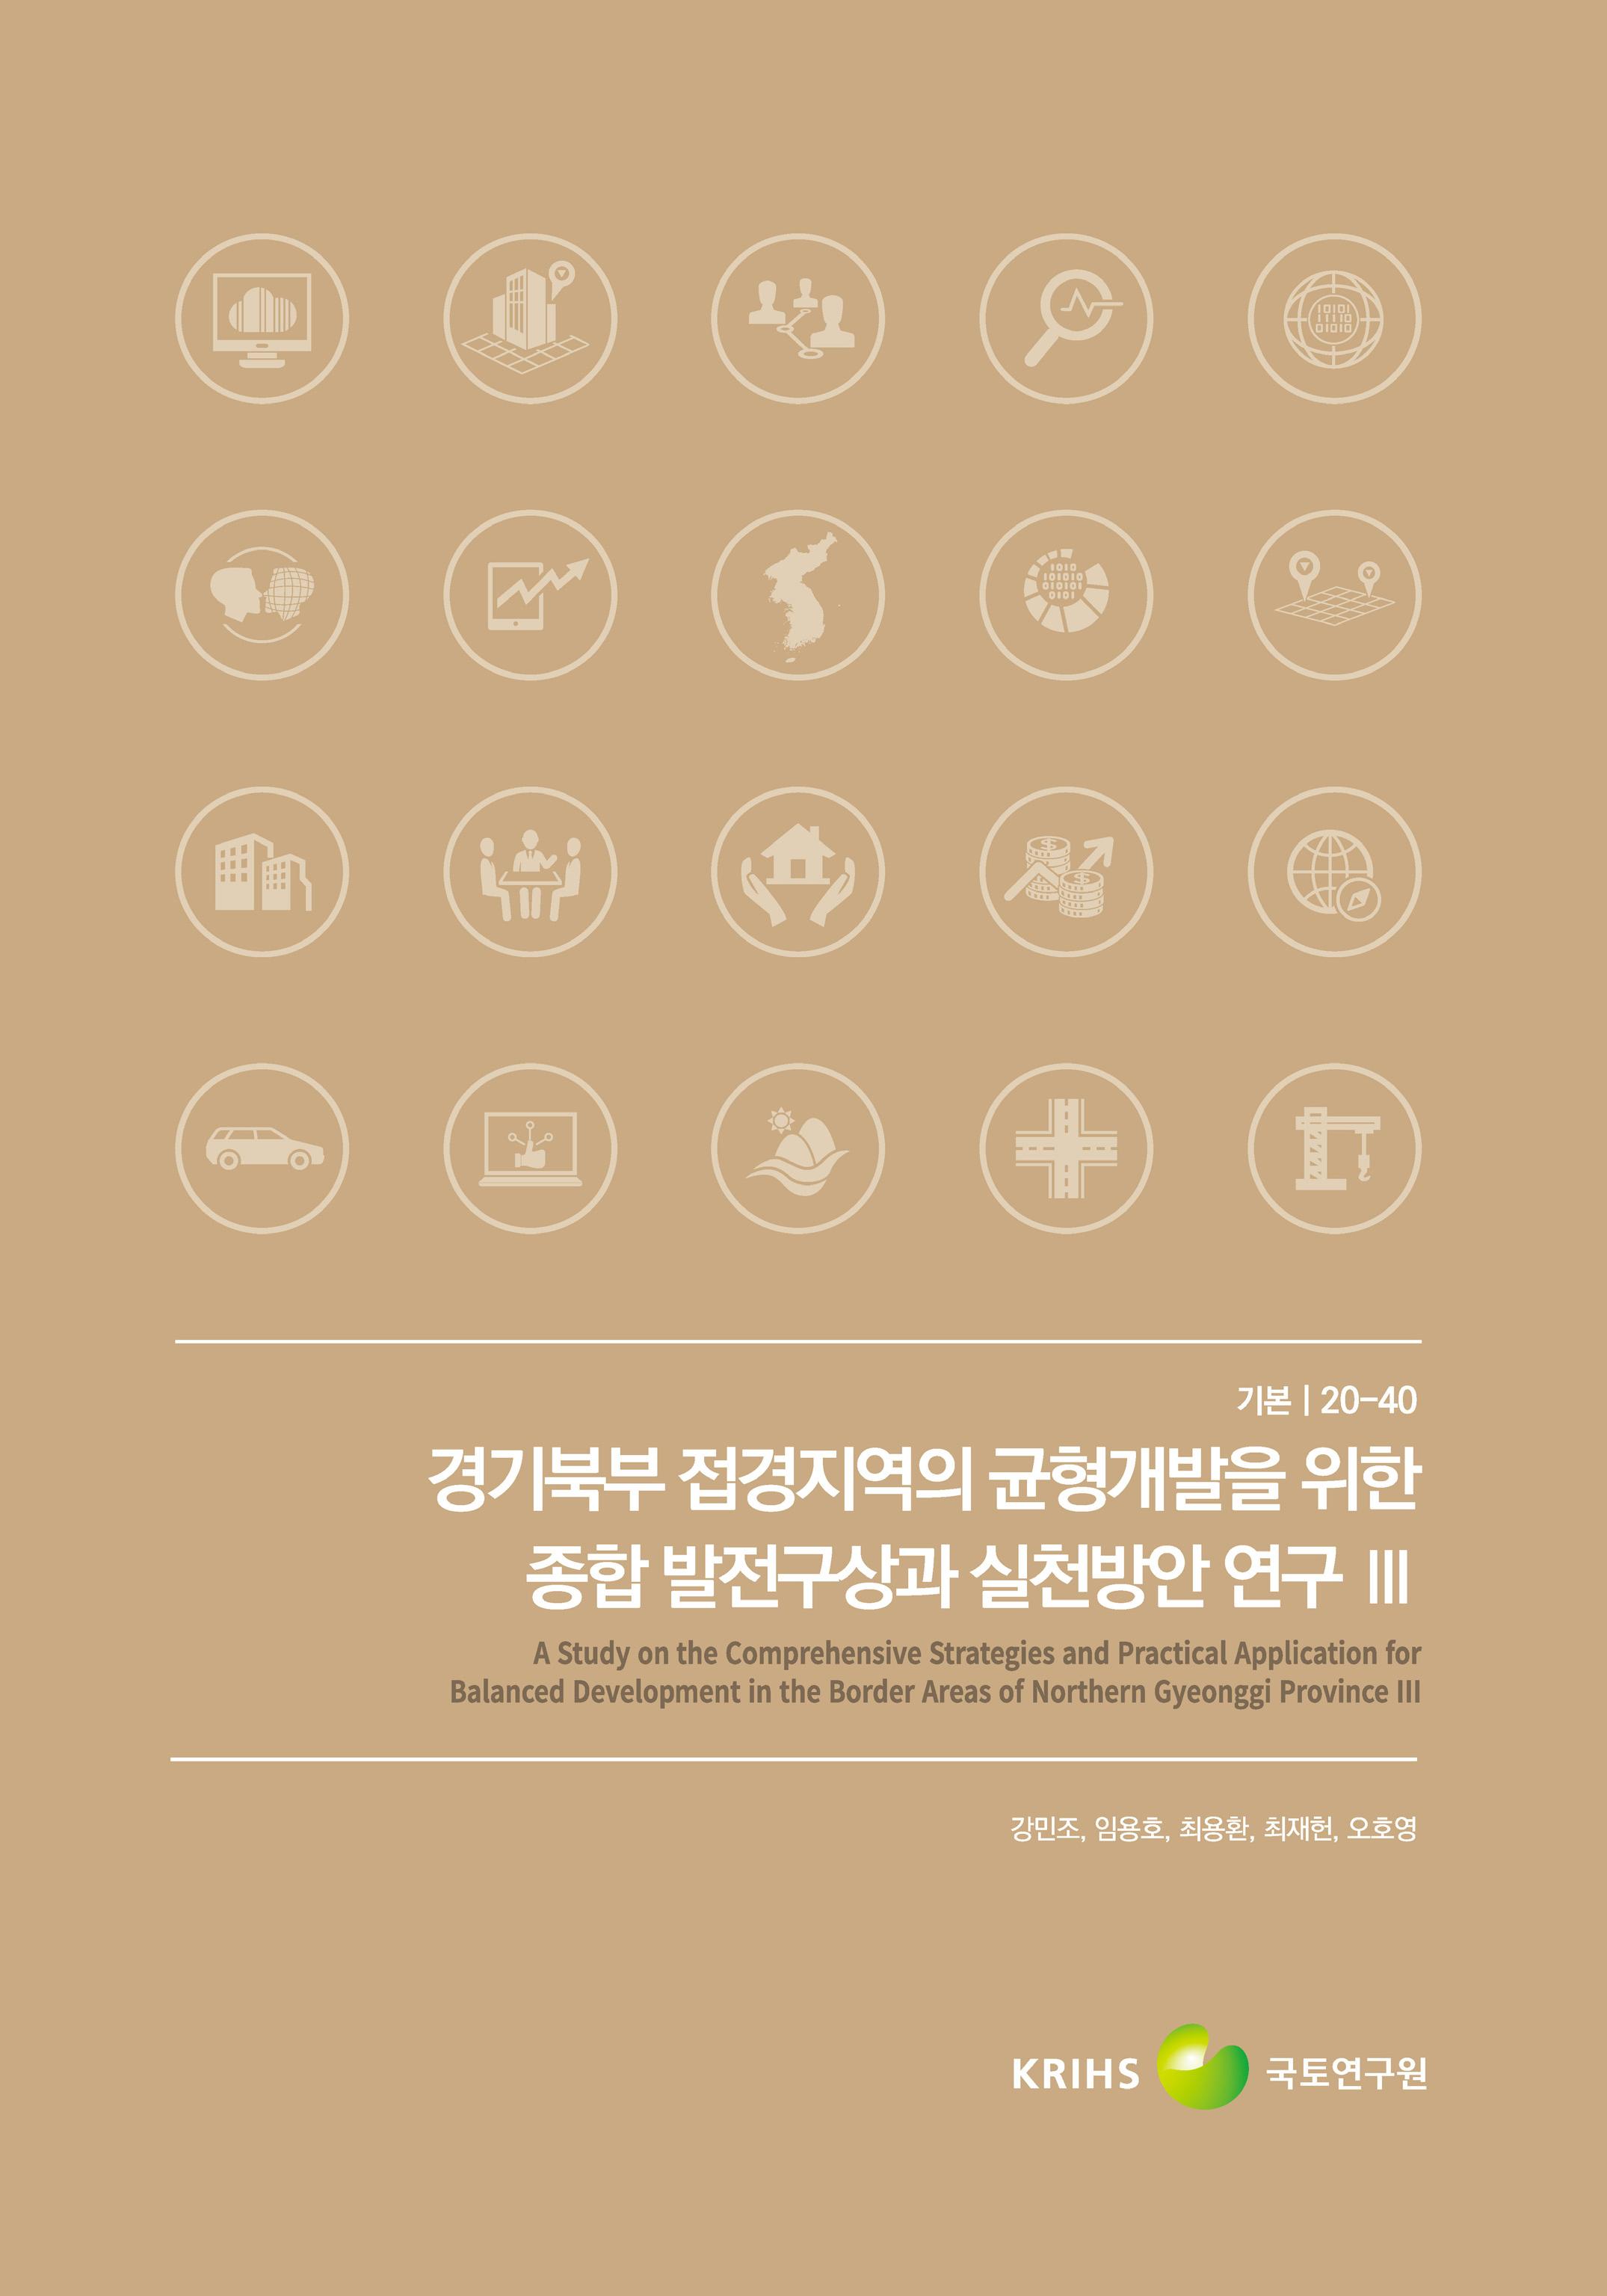 경기북부 접경지역의 균형개발을 위한 종합 발전구상과 실천방안 연구 Ⅲ (A Study on the Comprehensive Strategies and Practical Application for Balanced Development in the Border Areas of Northern Gyeonggi Province Ⅲ)